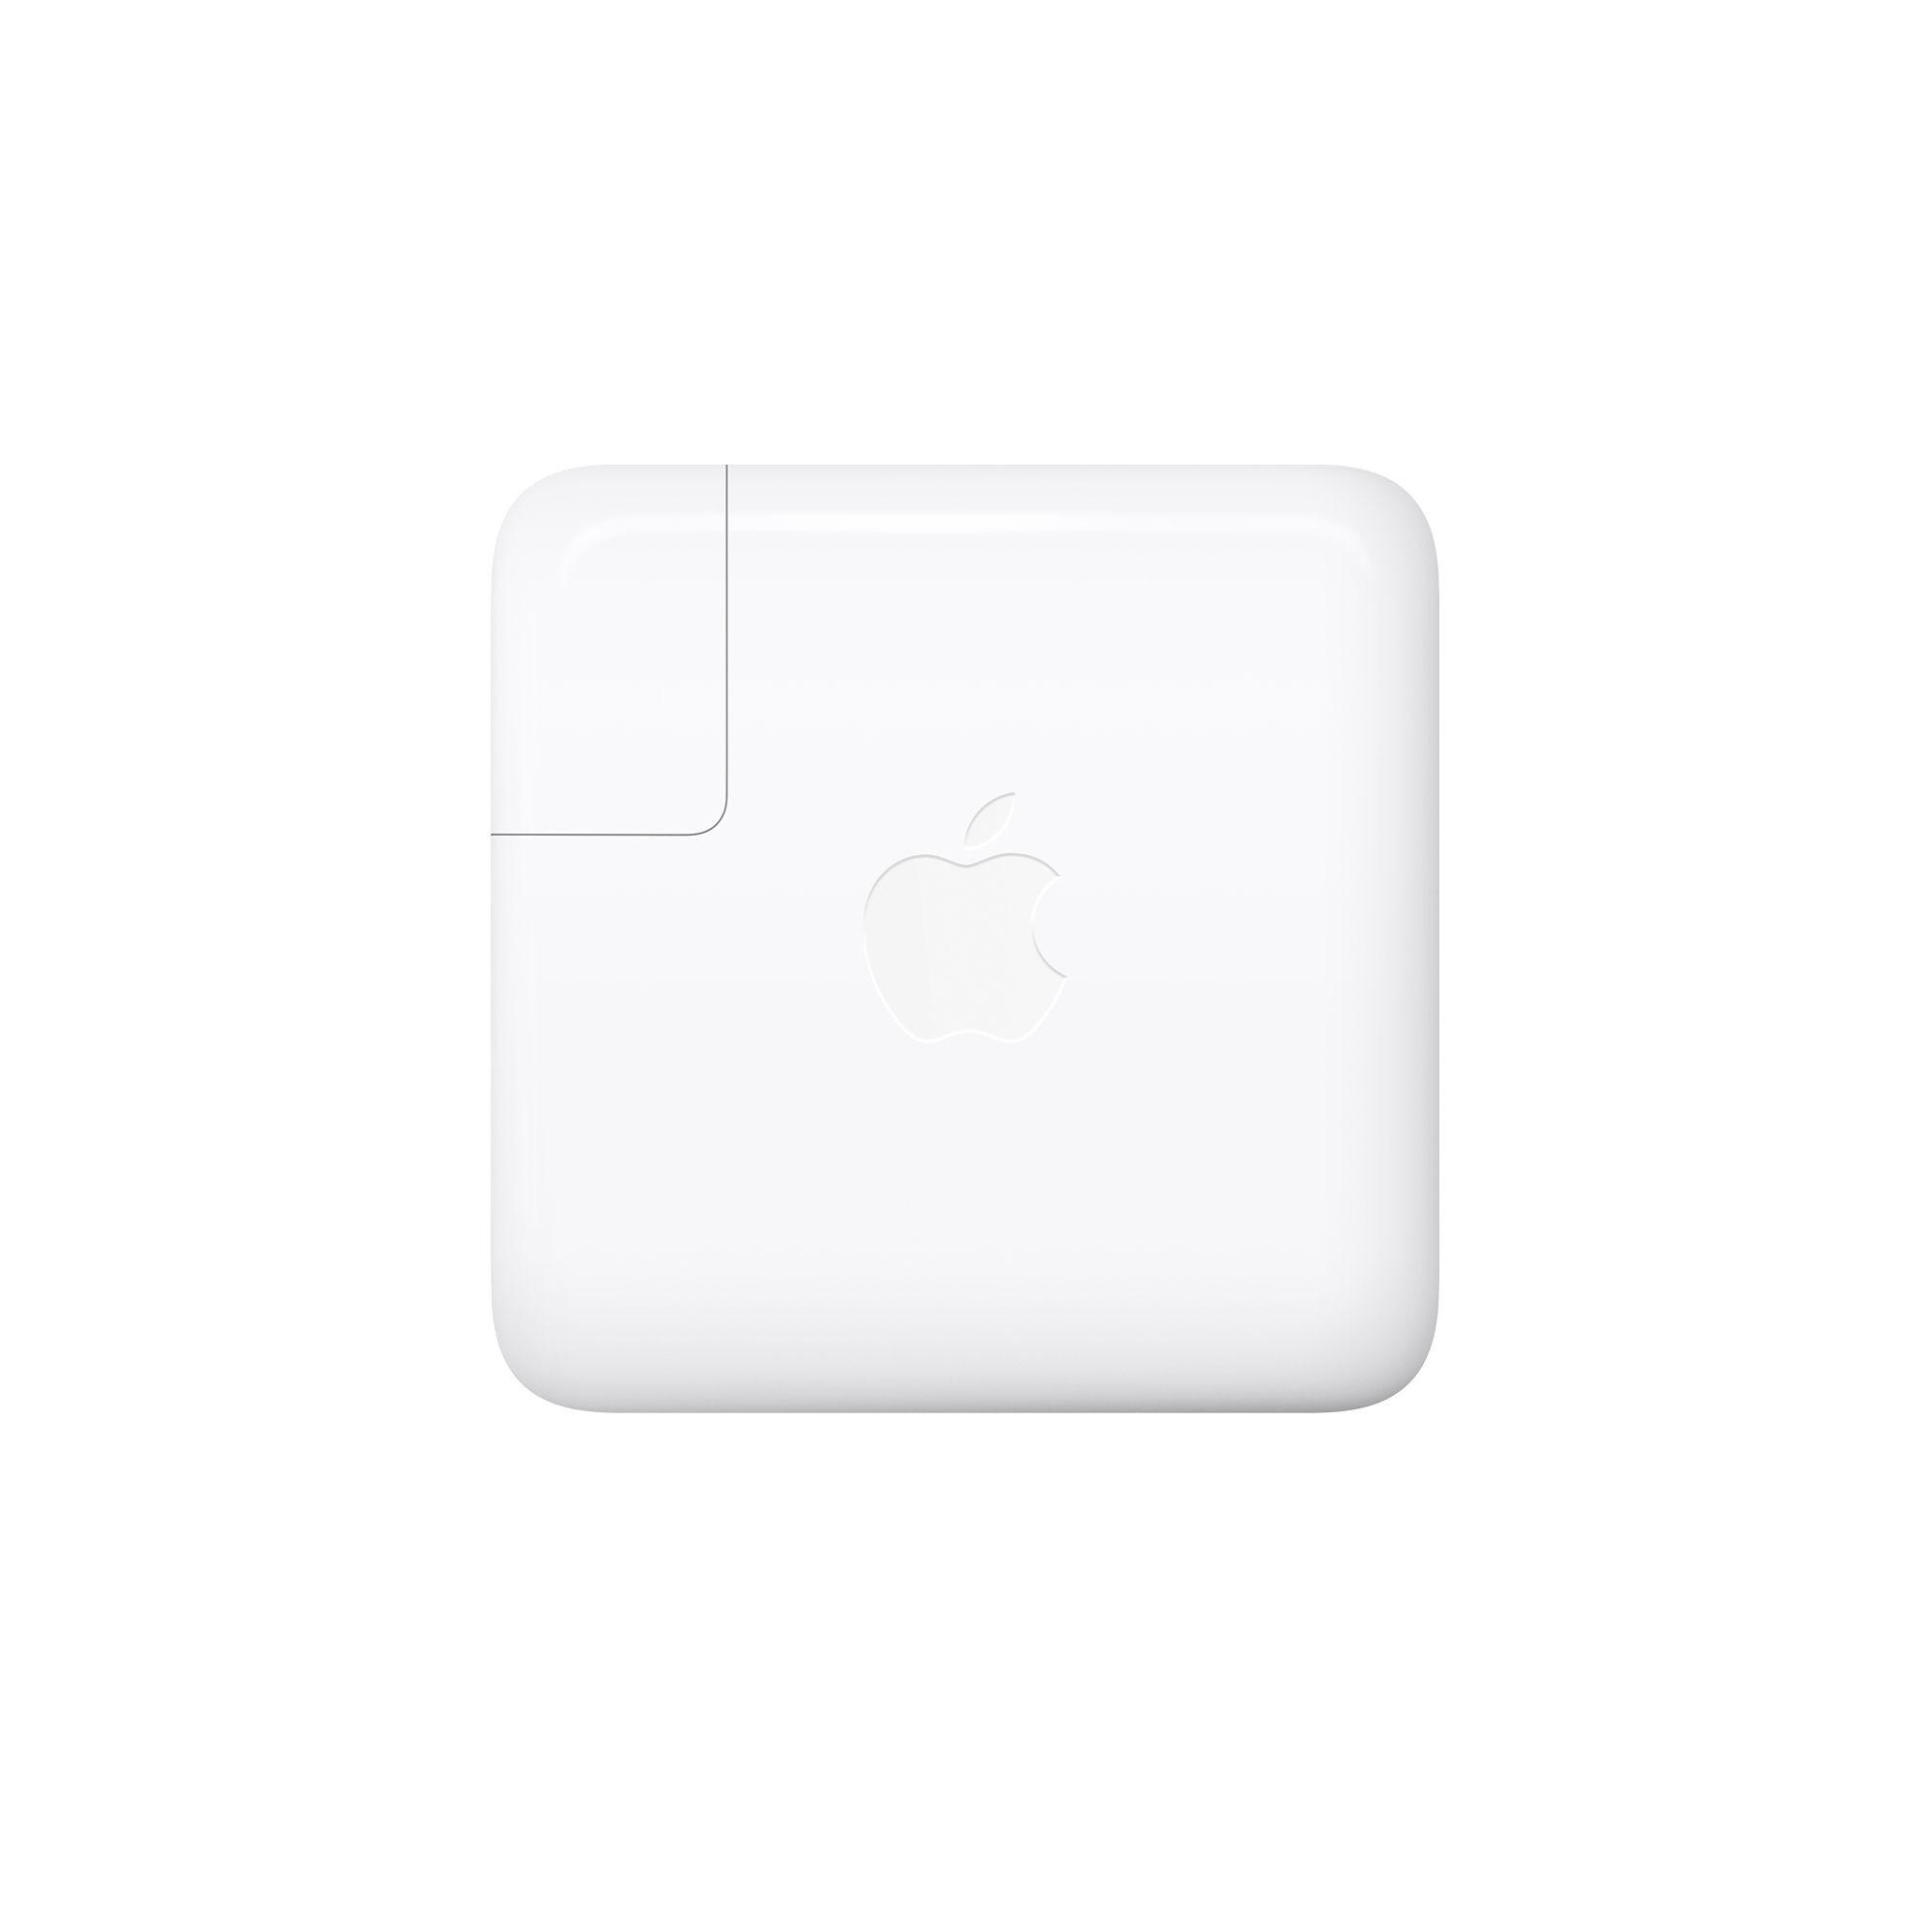 Buy Online Mac accessories By Apple - UAE - Oman - - iSTYLE ...